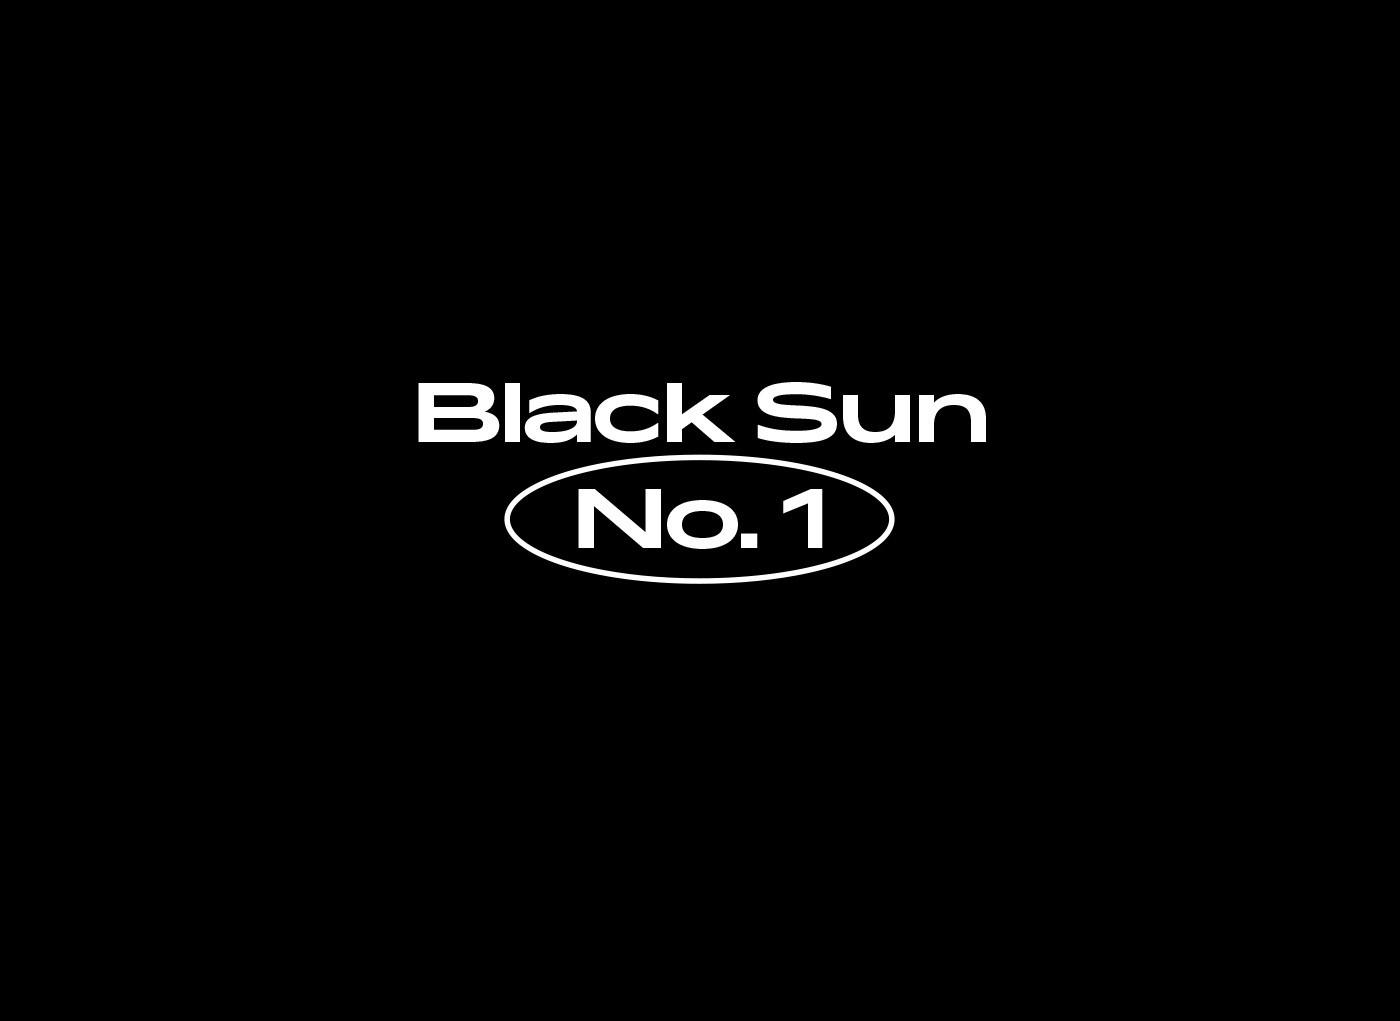 blacksun-logotype.jpg